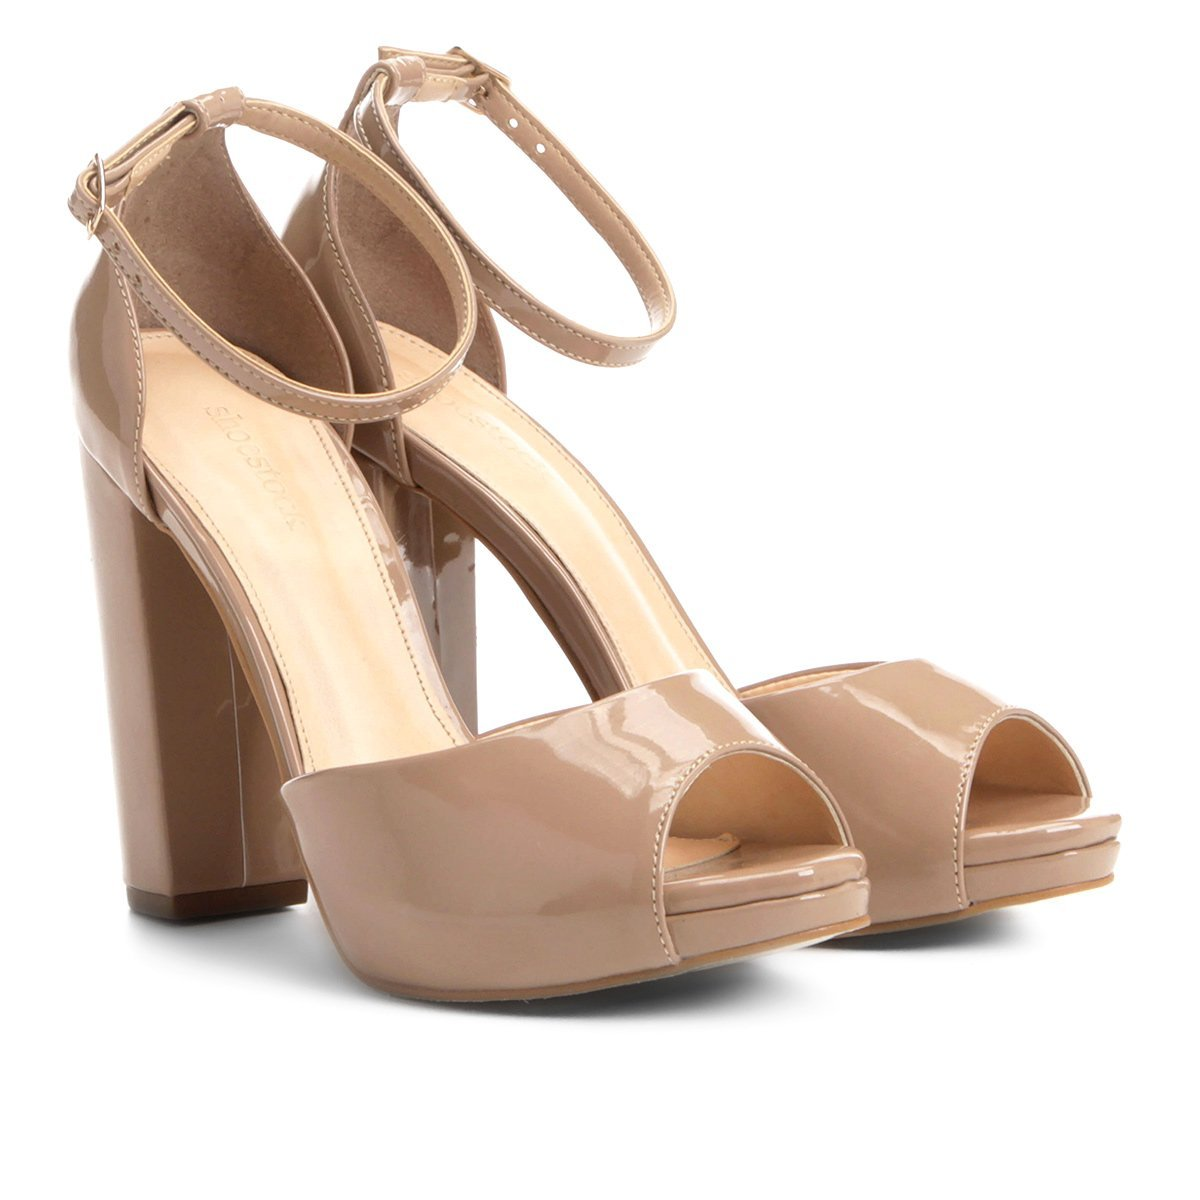 a27a787be Sandália Shoestock Meia Pata Salto Grosso Feminina   Shoestock